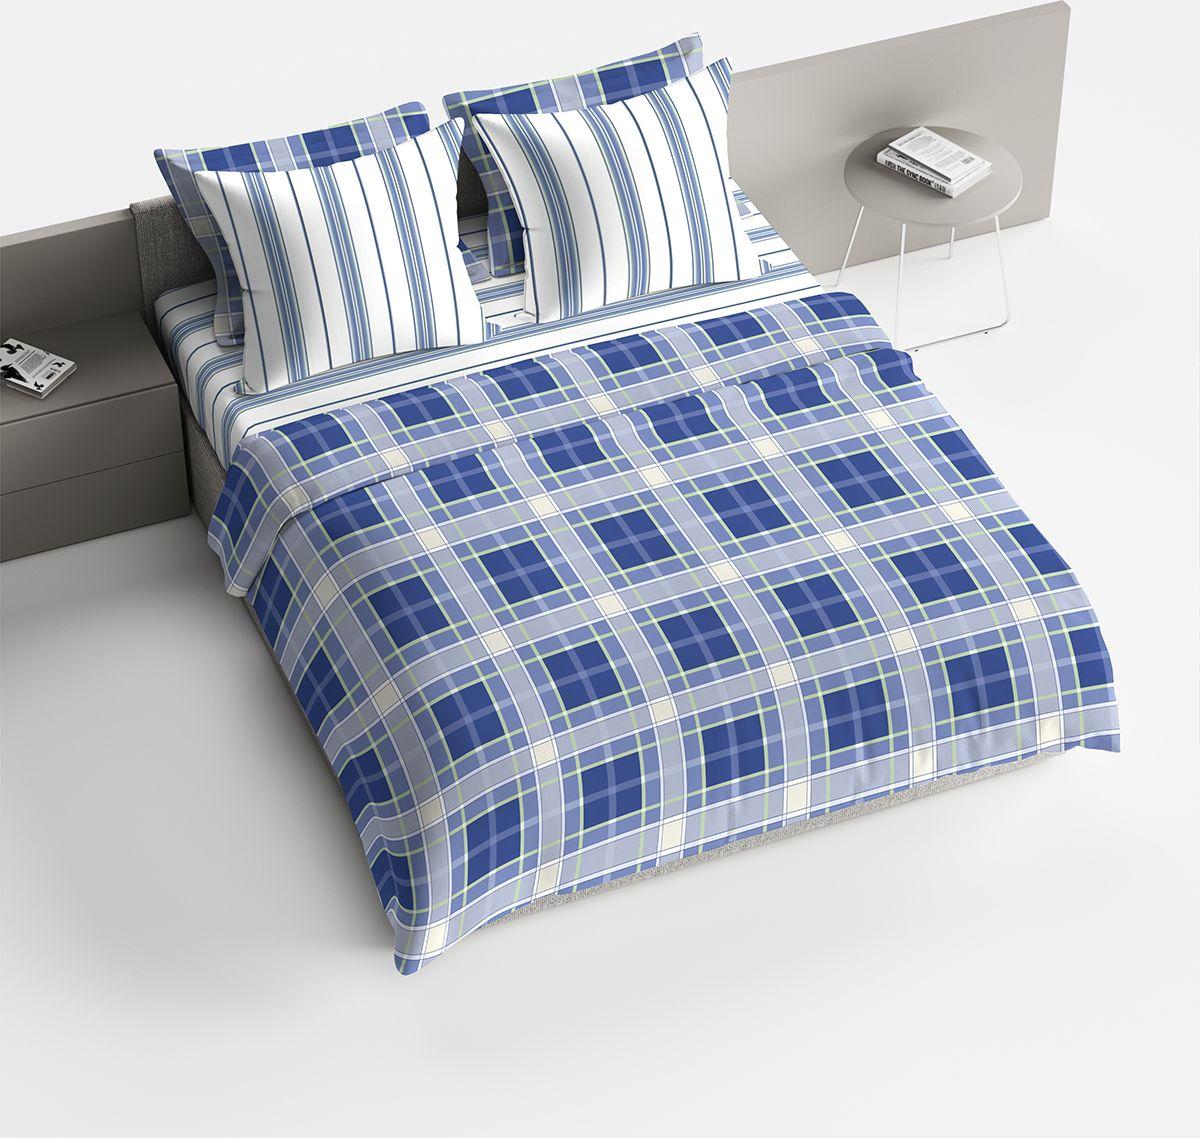 Комплект белья Браво Джузеппе, 1,5-спальное, наволочки 70x70, цвет: синий91935Комплекты постельного белья из ткани LUX COTTON (высококачественный поплин), сотканной из длинноволокнистого египетского хлопка, созданы специально для людей с оригинальным вкусом, предпочитающим современные решения в интерьере. Обновленная стильная упаковка делает этот комплект отличным подарком. • Равноплотная ткань из 100% хлопка; • Обработана по технологии мерсеризации и санфоризации; • Мягкая и нежная на ощупь; • Устойчива к трению; • Обладает высокими показателями гигроскопичности (впитывает влагу); • Выдерживает частые стирки, сохраняя первоначальные цвет, форму и размеры; • Безопасные красители ведущего немецкого производителя BEZEMA